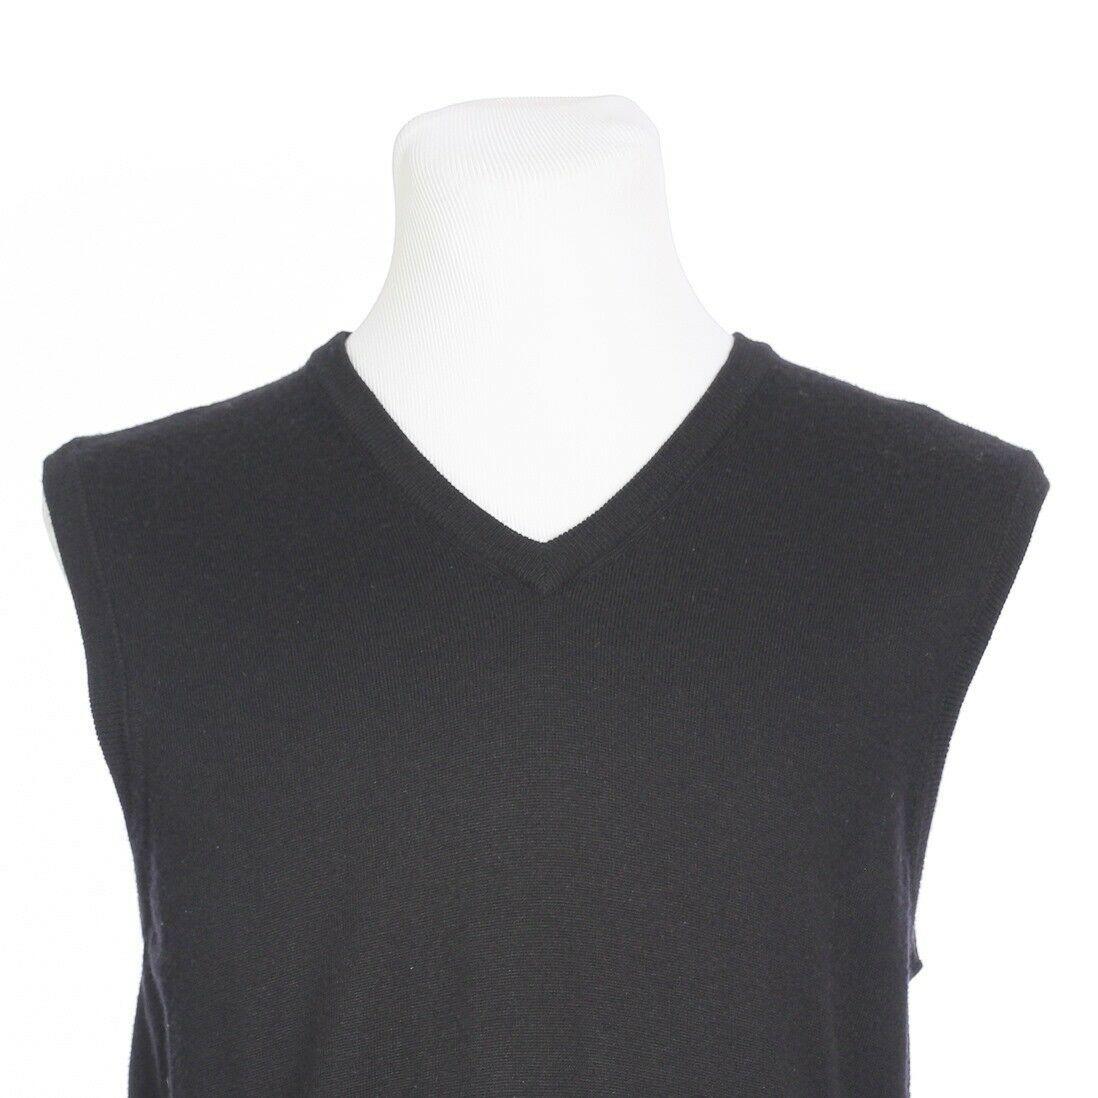 Brooks Brothers Extra Fine Merino Wool Solid Black Sweater Vest Mens Medium